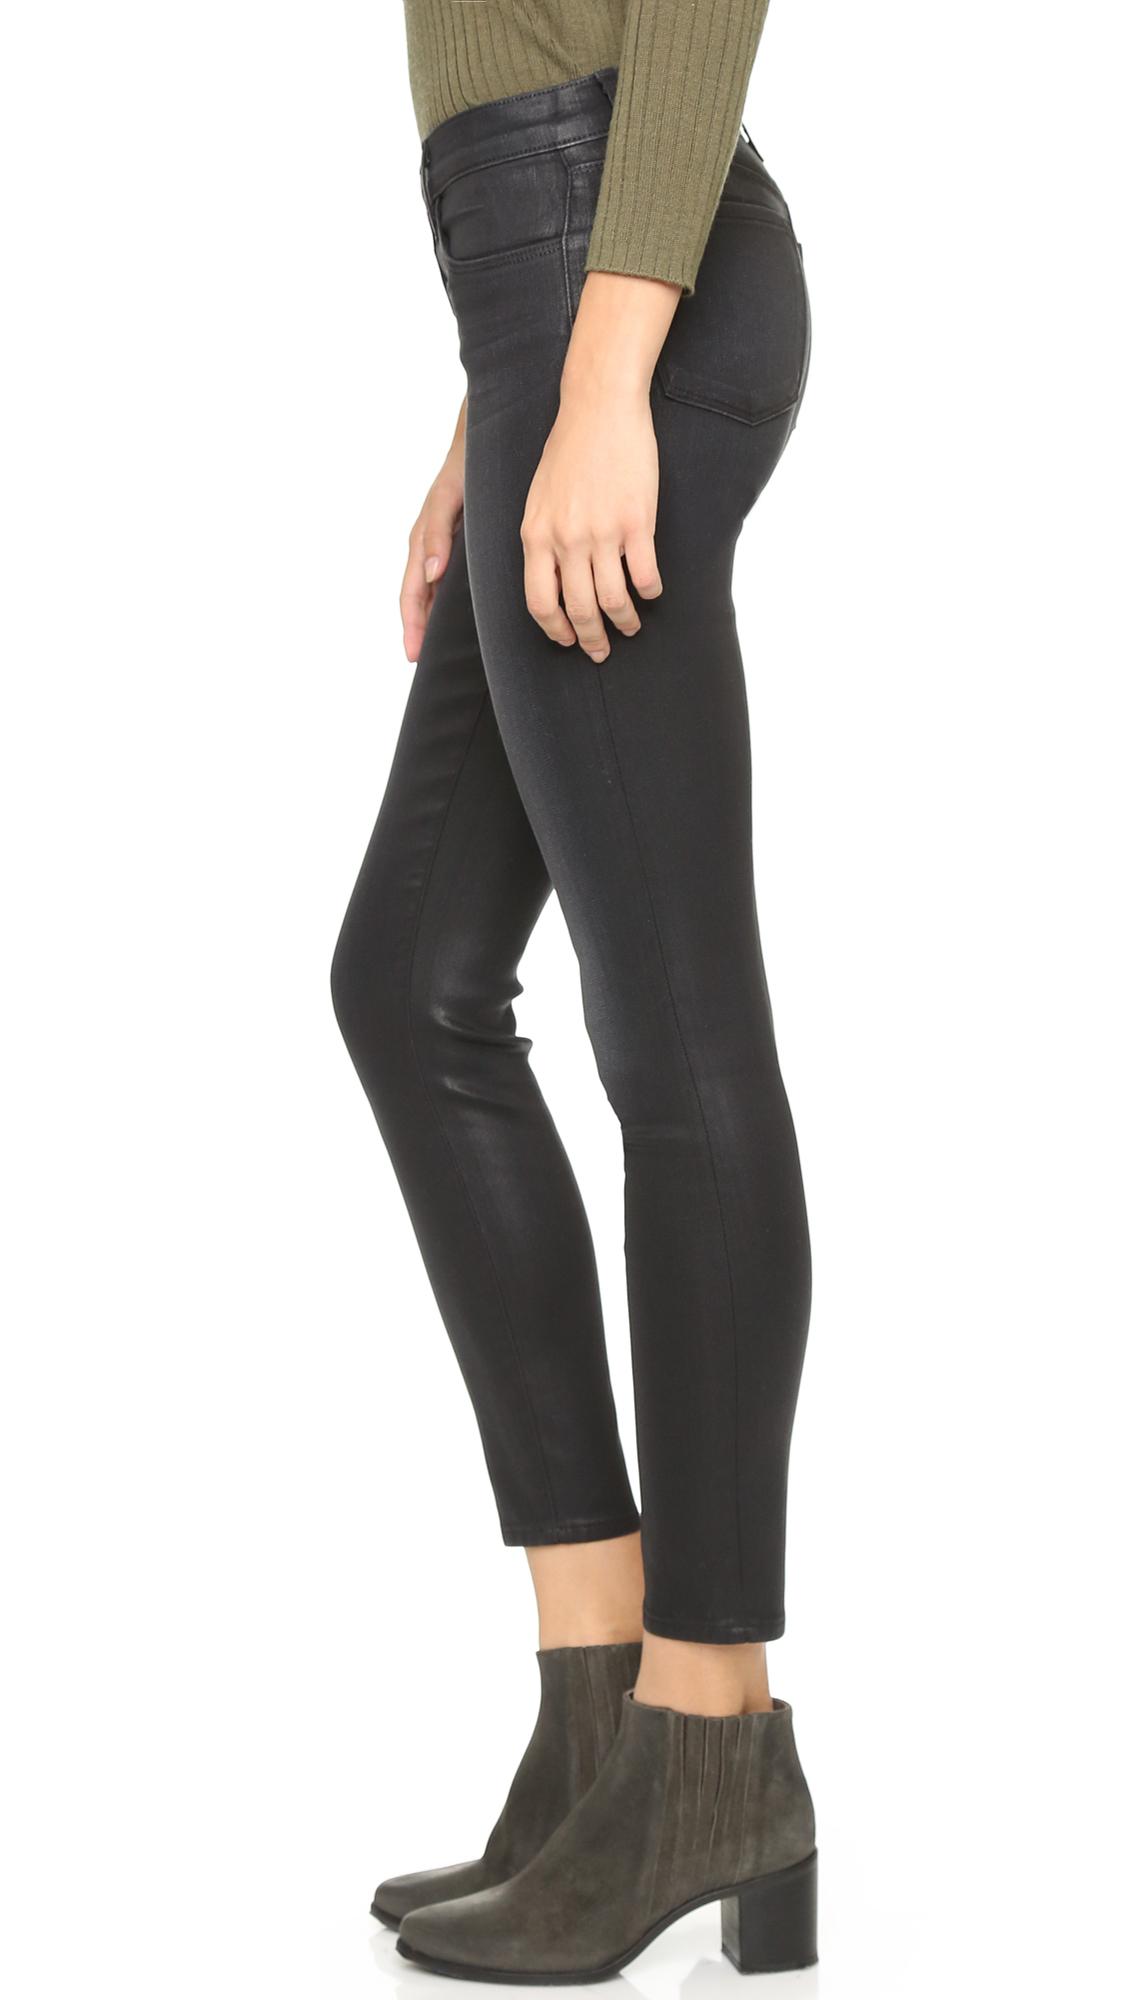 Alana Cropped High-rise Skinny Jeans - Dark denim J Brand winmIs5W